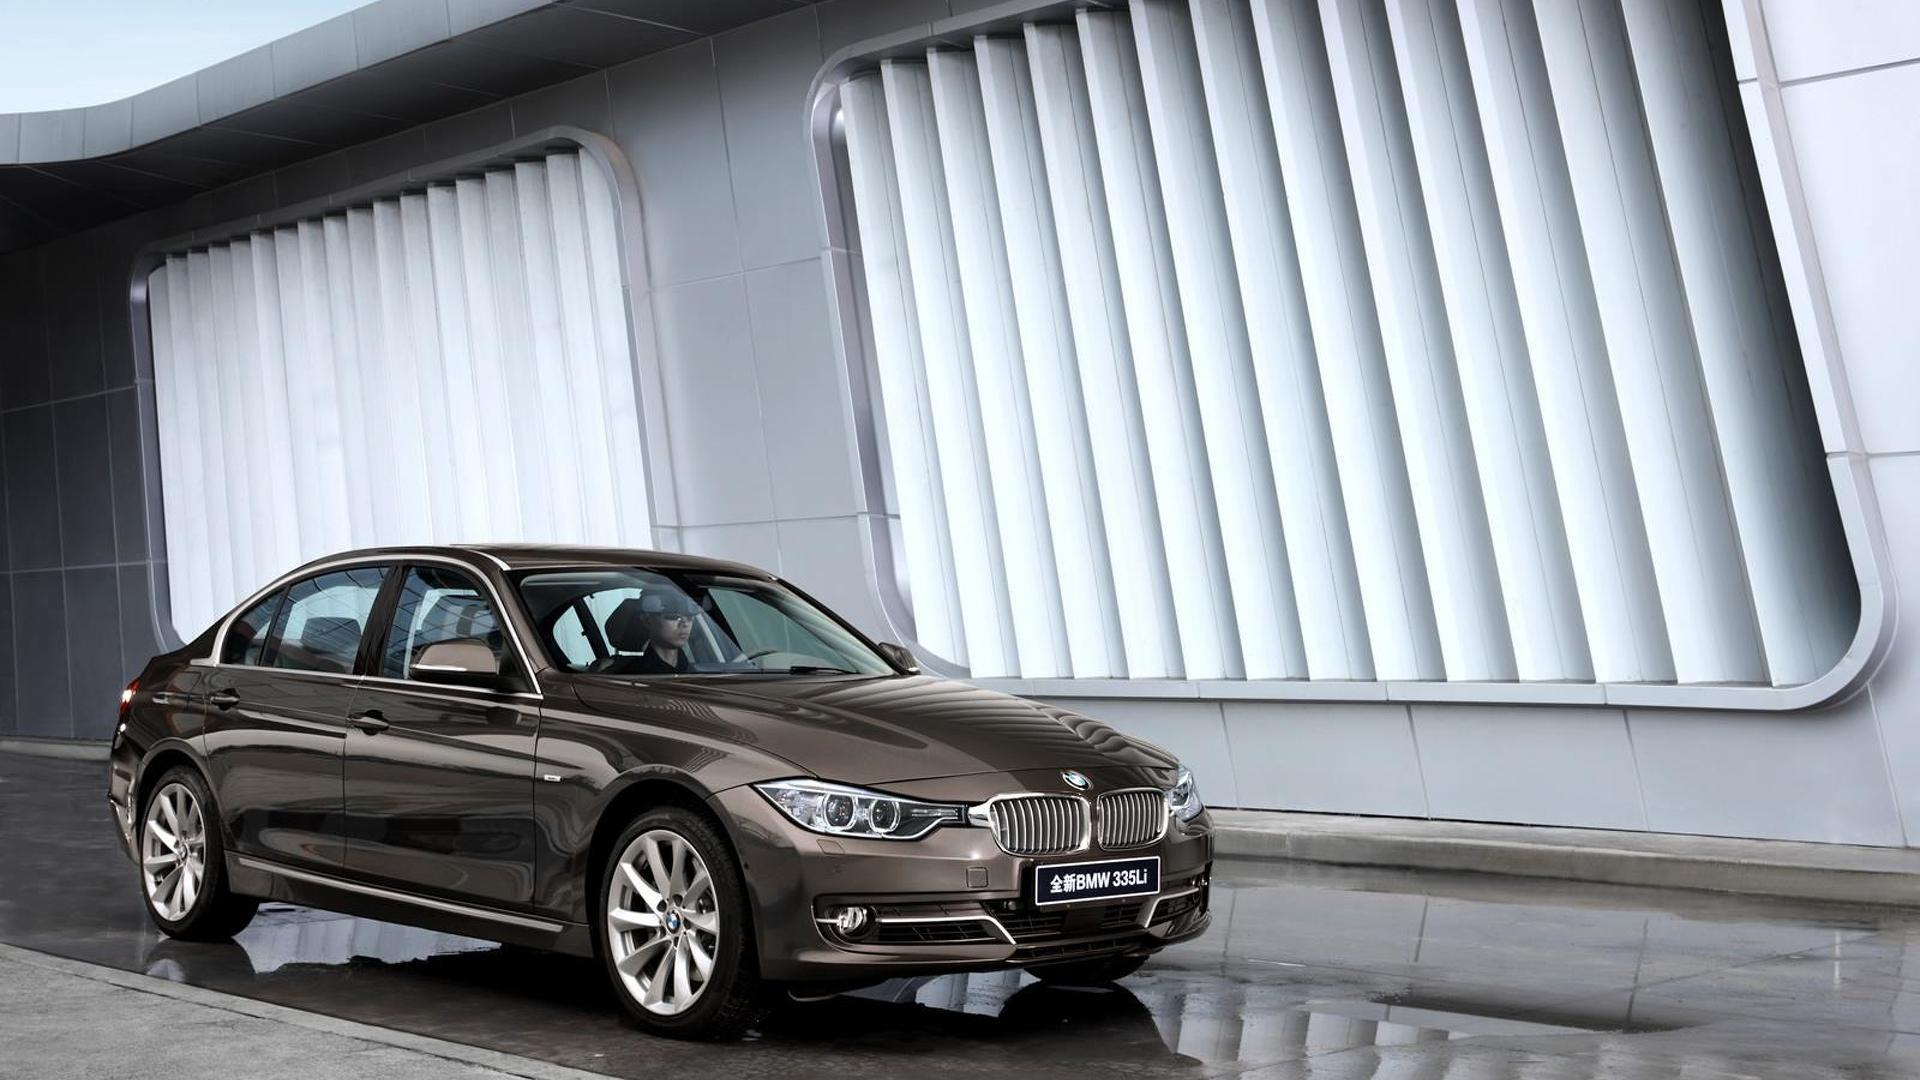 BMW 3-series LWB world debut in Beijing confirmed